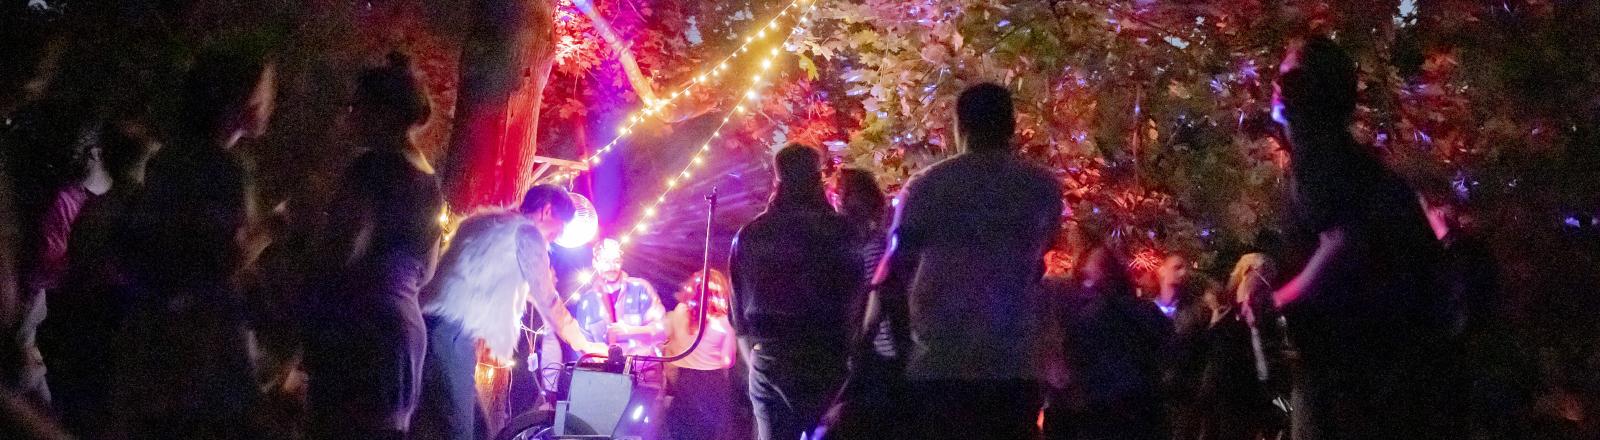 Eine Party während der Corona-Pandemie in der Hasenheide in Berlin